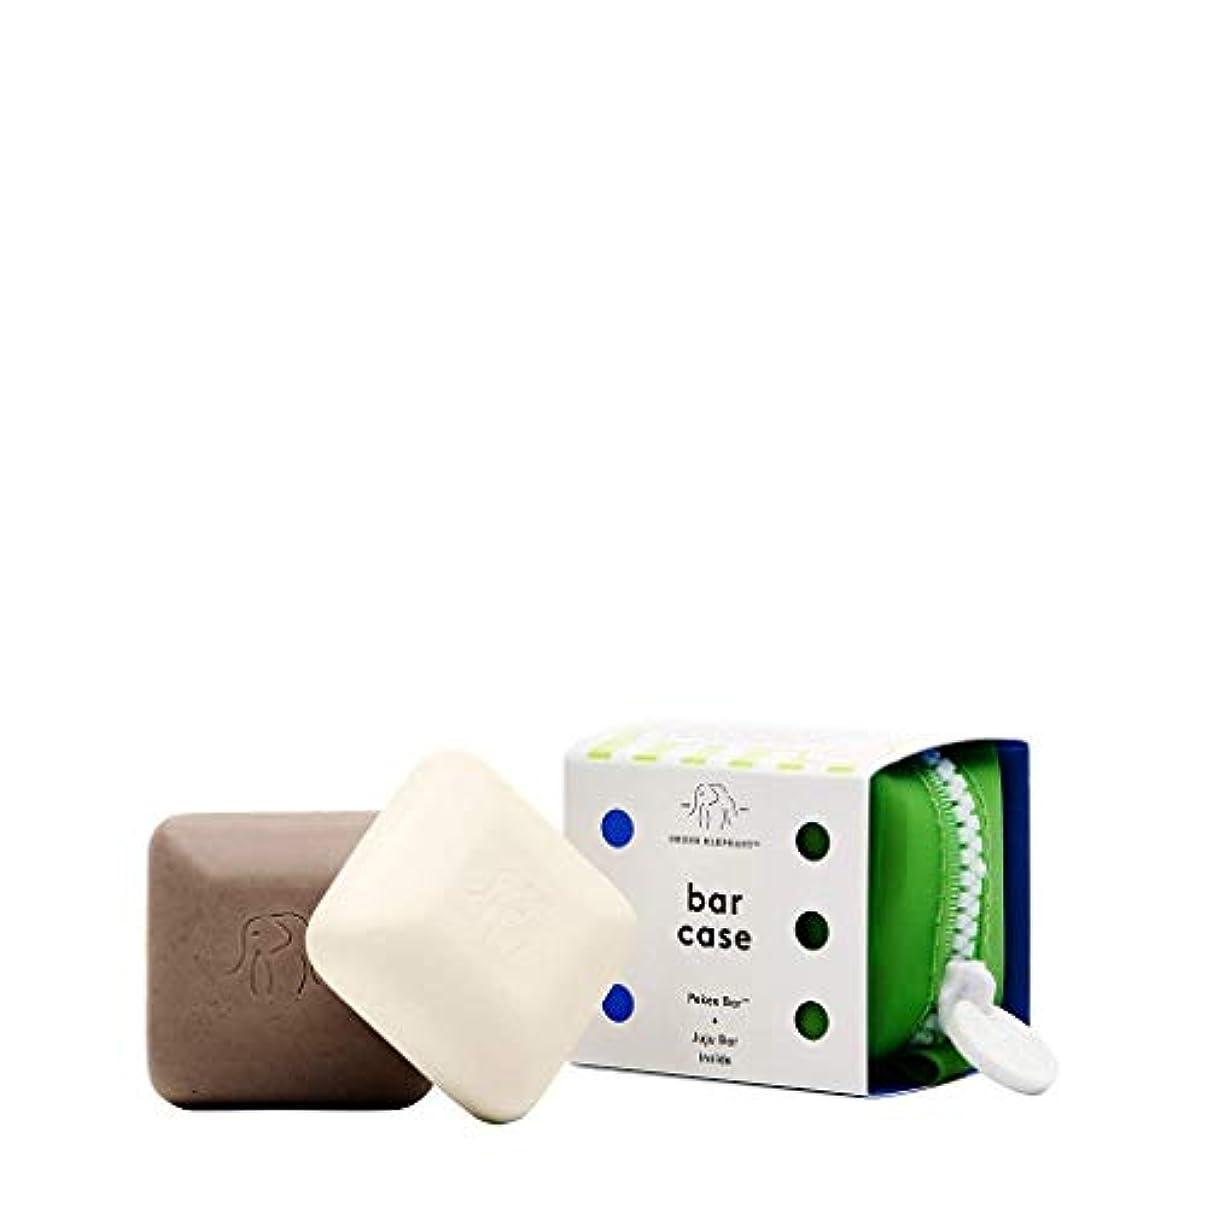 苗落ち着いて暗唱するDRUNK ELEPHANT Baby Bar Travel Duo(2 x 30g) ドランクエレファントミニ洗顔石鹸セット